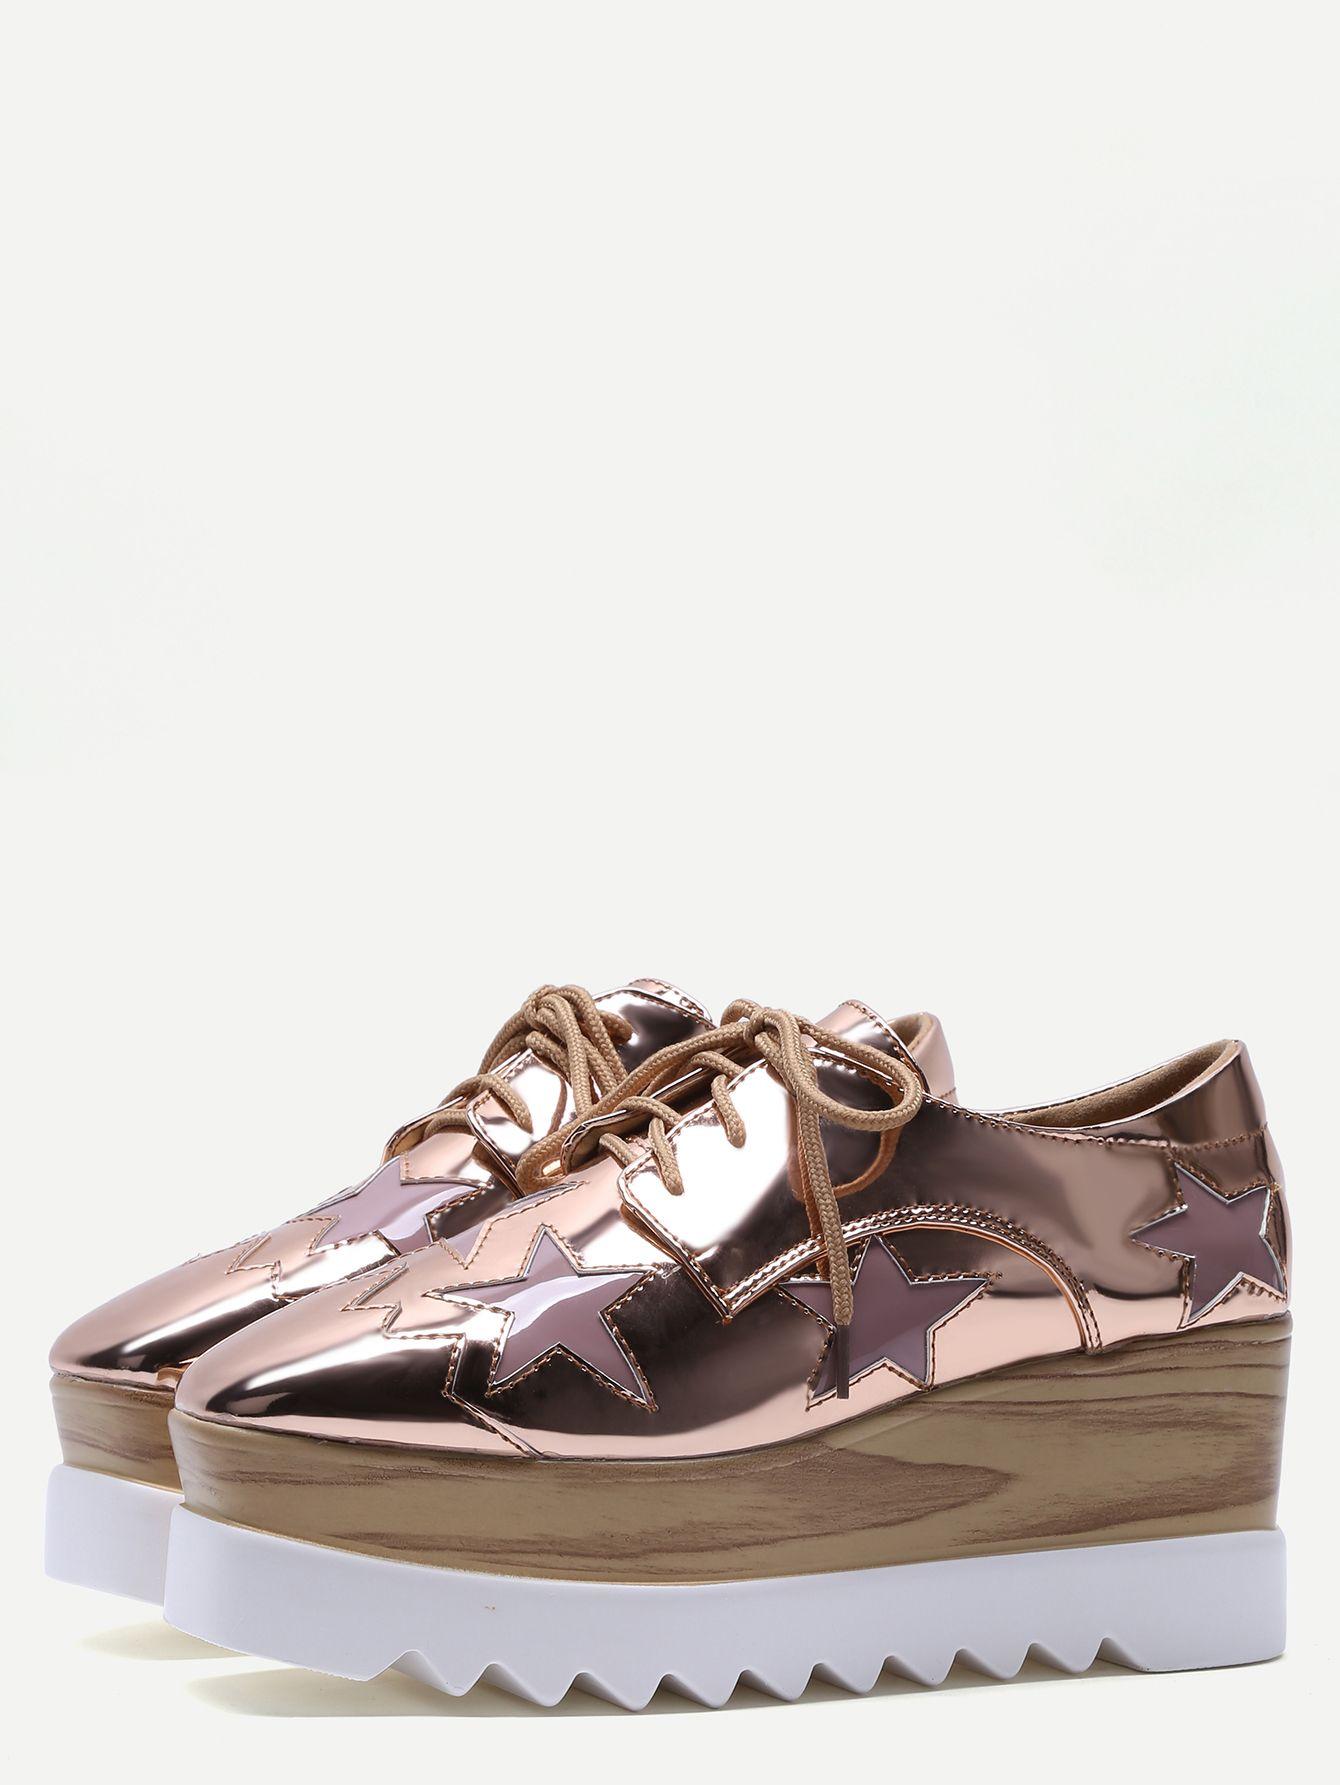 923e8f672f5 shoes161209804 2